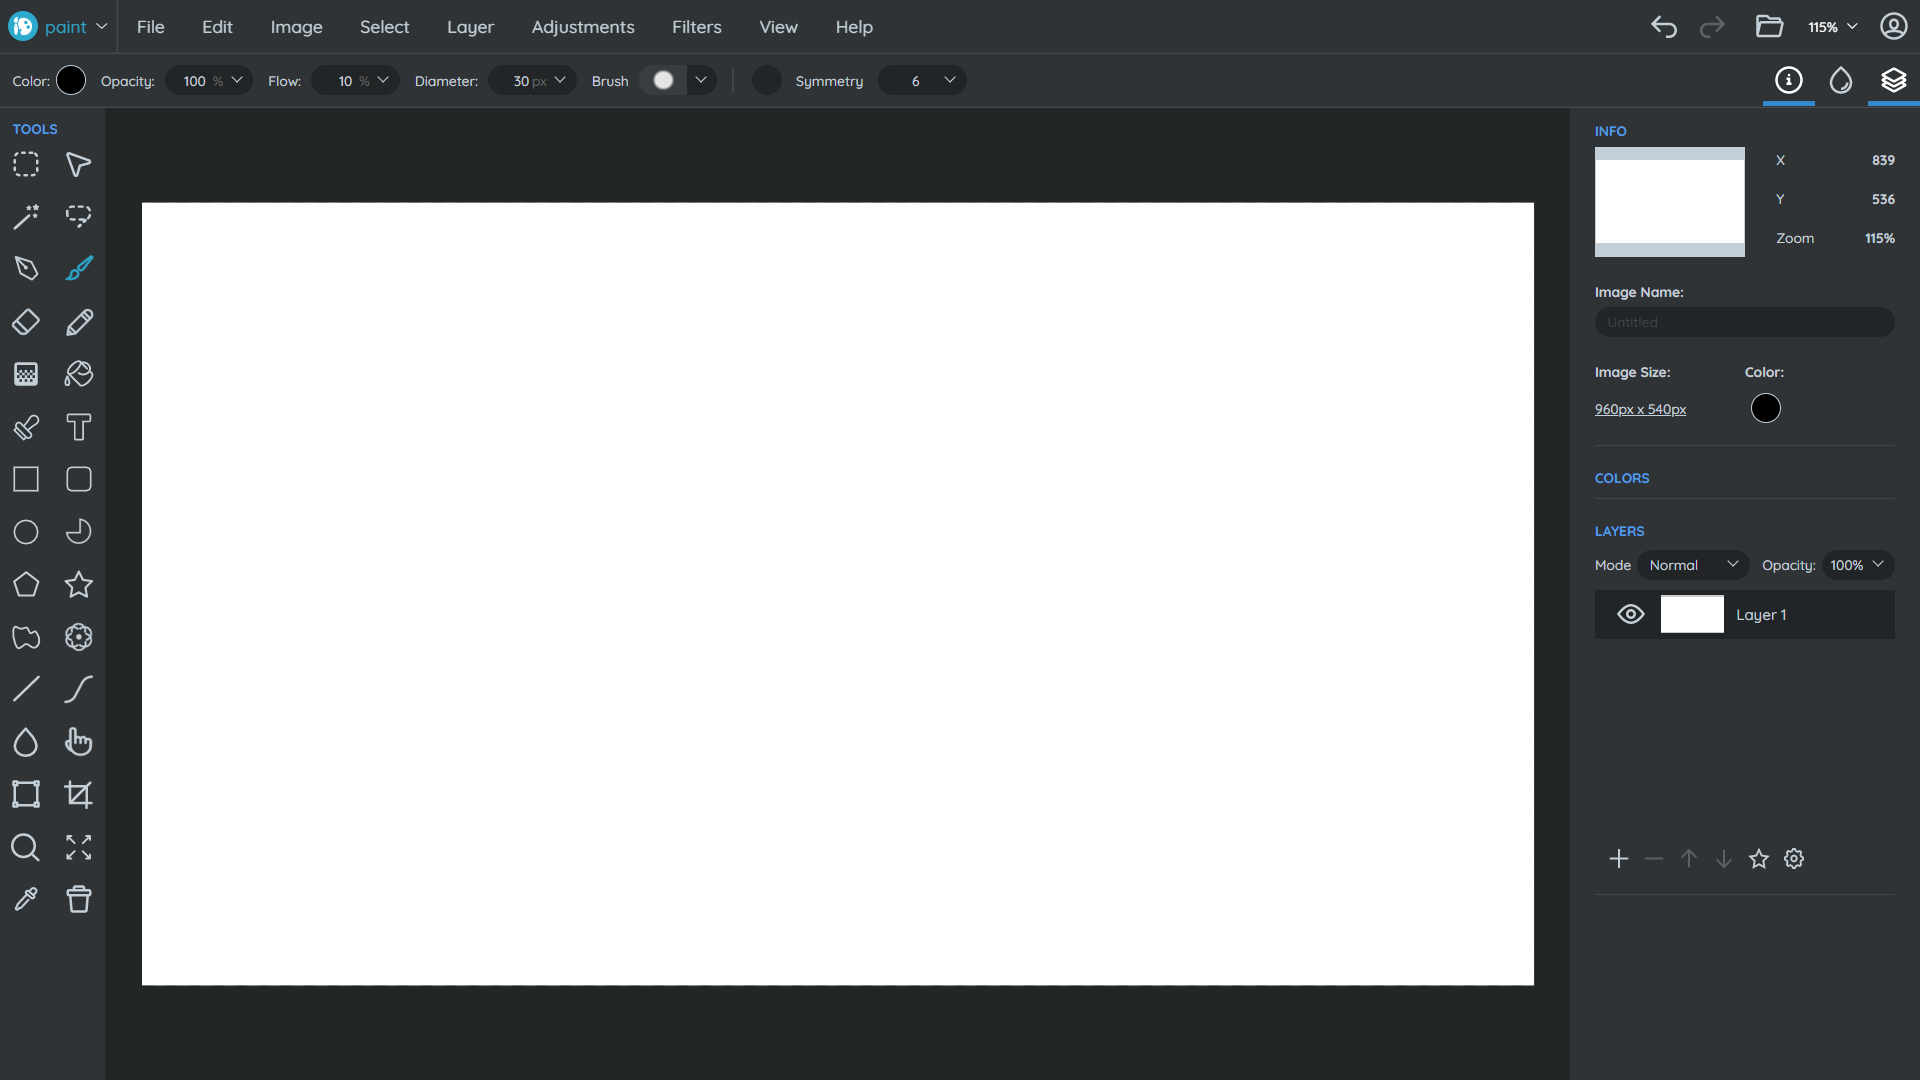 Captura do site SumoPaint com suas ferramentas